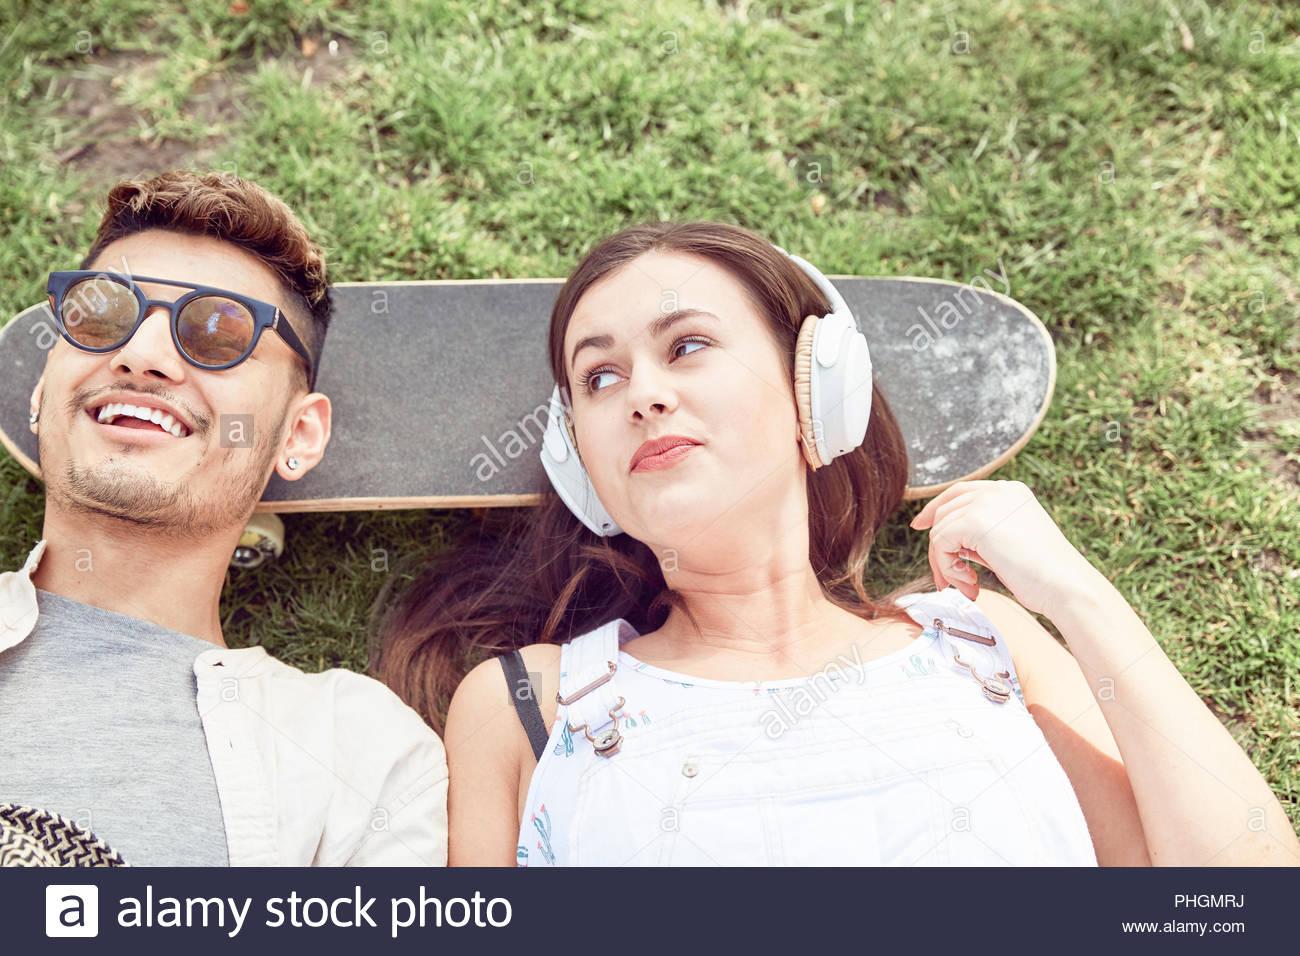 Giovane adolescente giacente su skateboard in posizione di parcheggio Immagini Stock